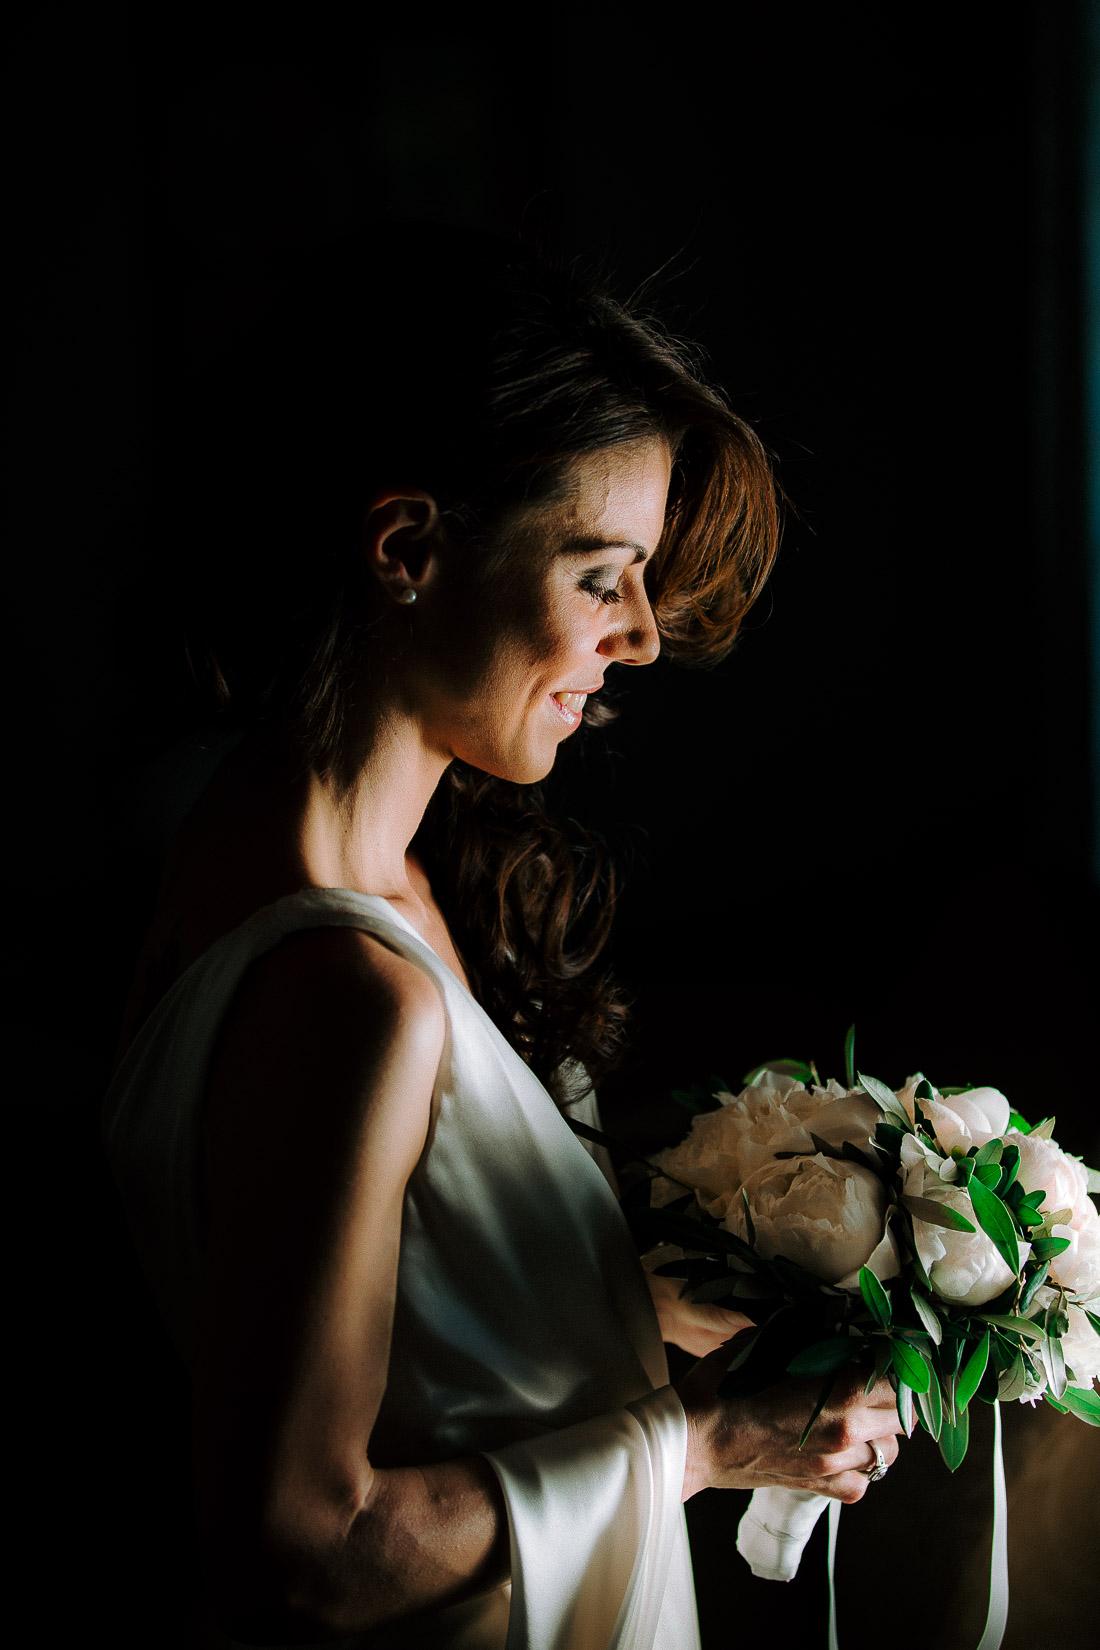 Castle Rosciano castello wedding matrimonio fotografo 012.jpg